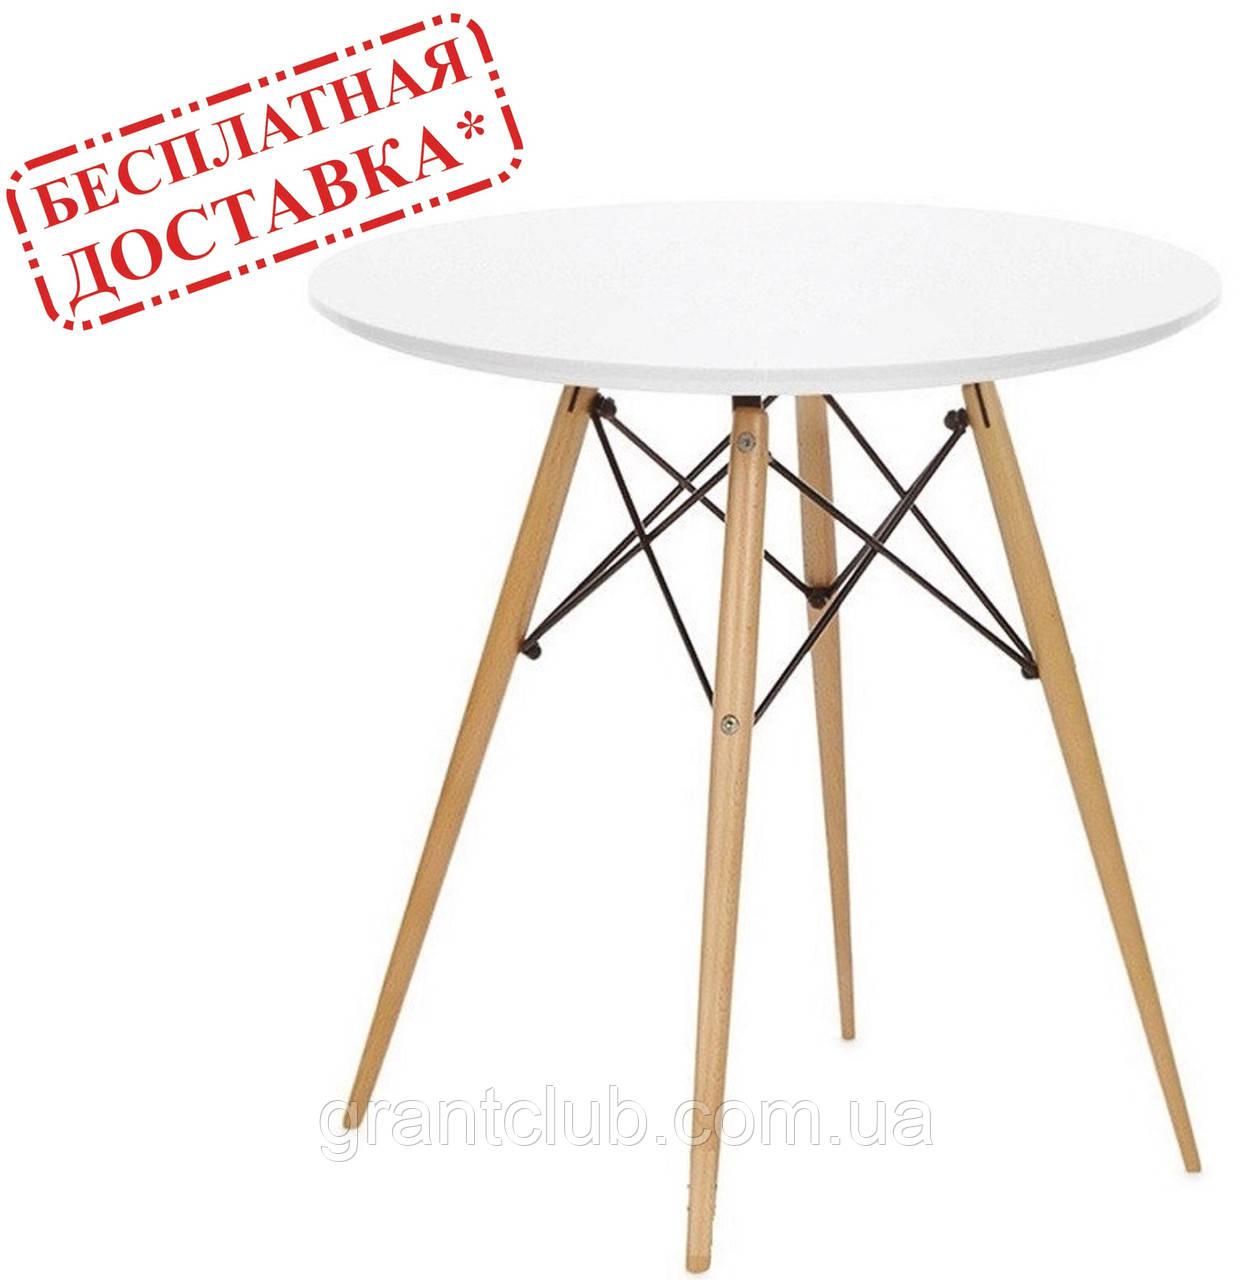 Стол обеденный Тауэр Вуд белый на буковых ножках круглый 60 см SDM Group (бесплатная доставка)